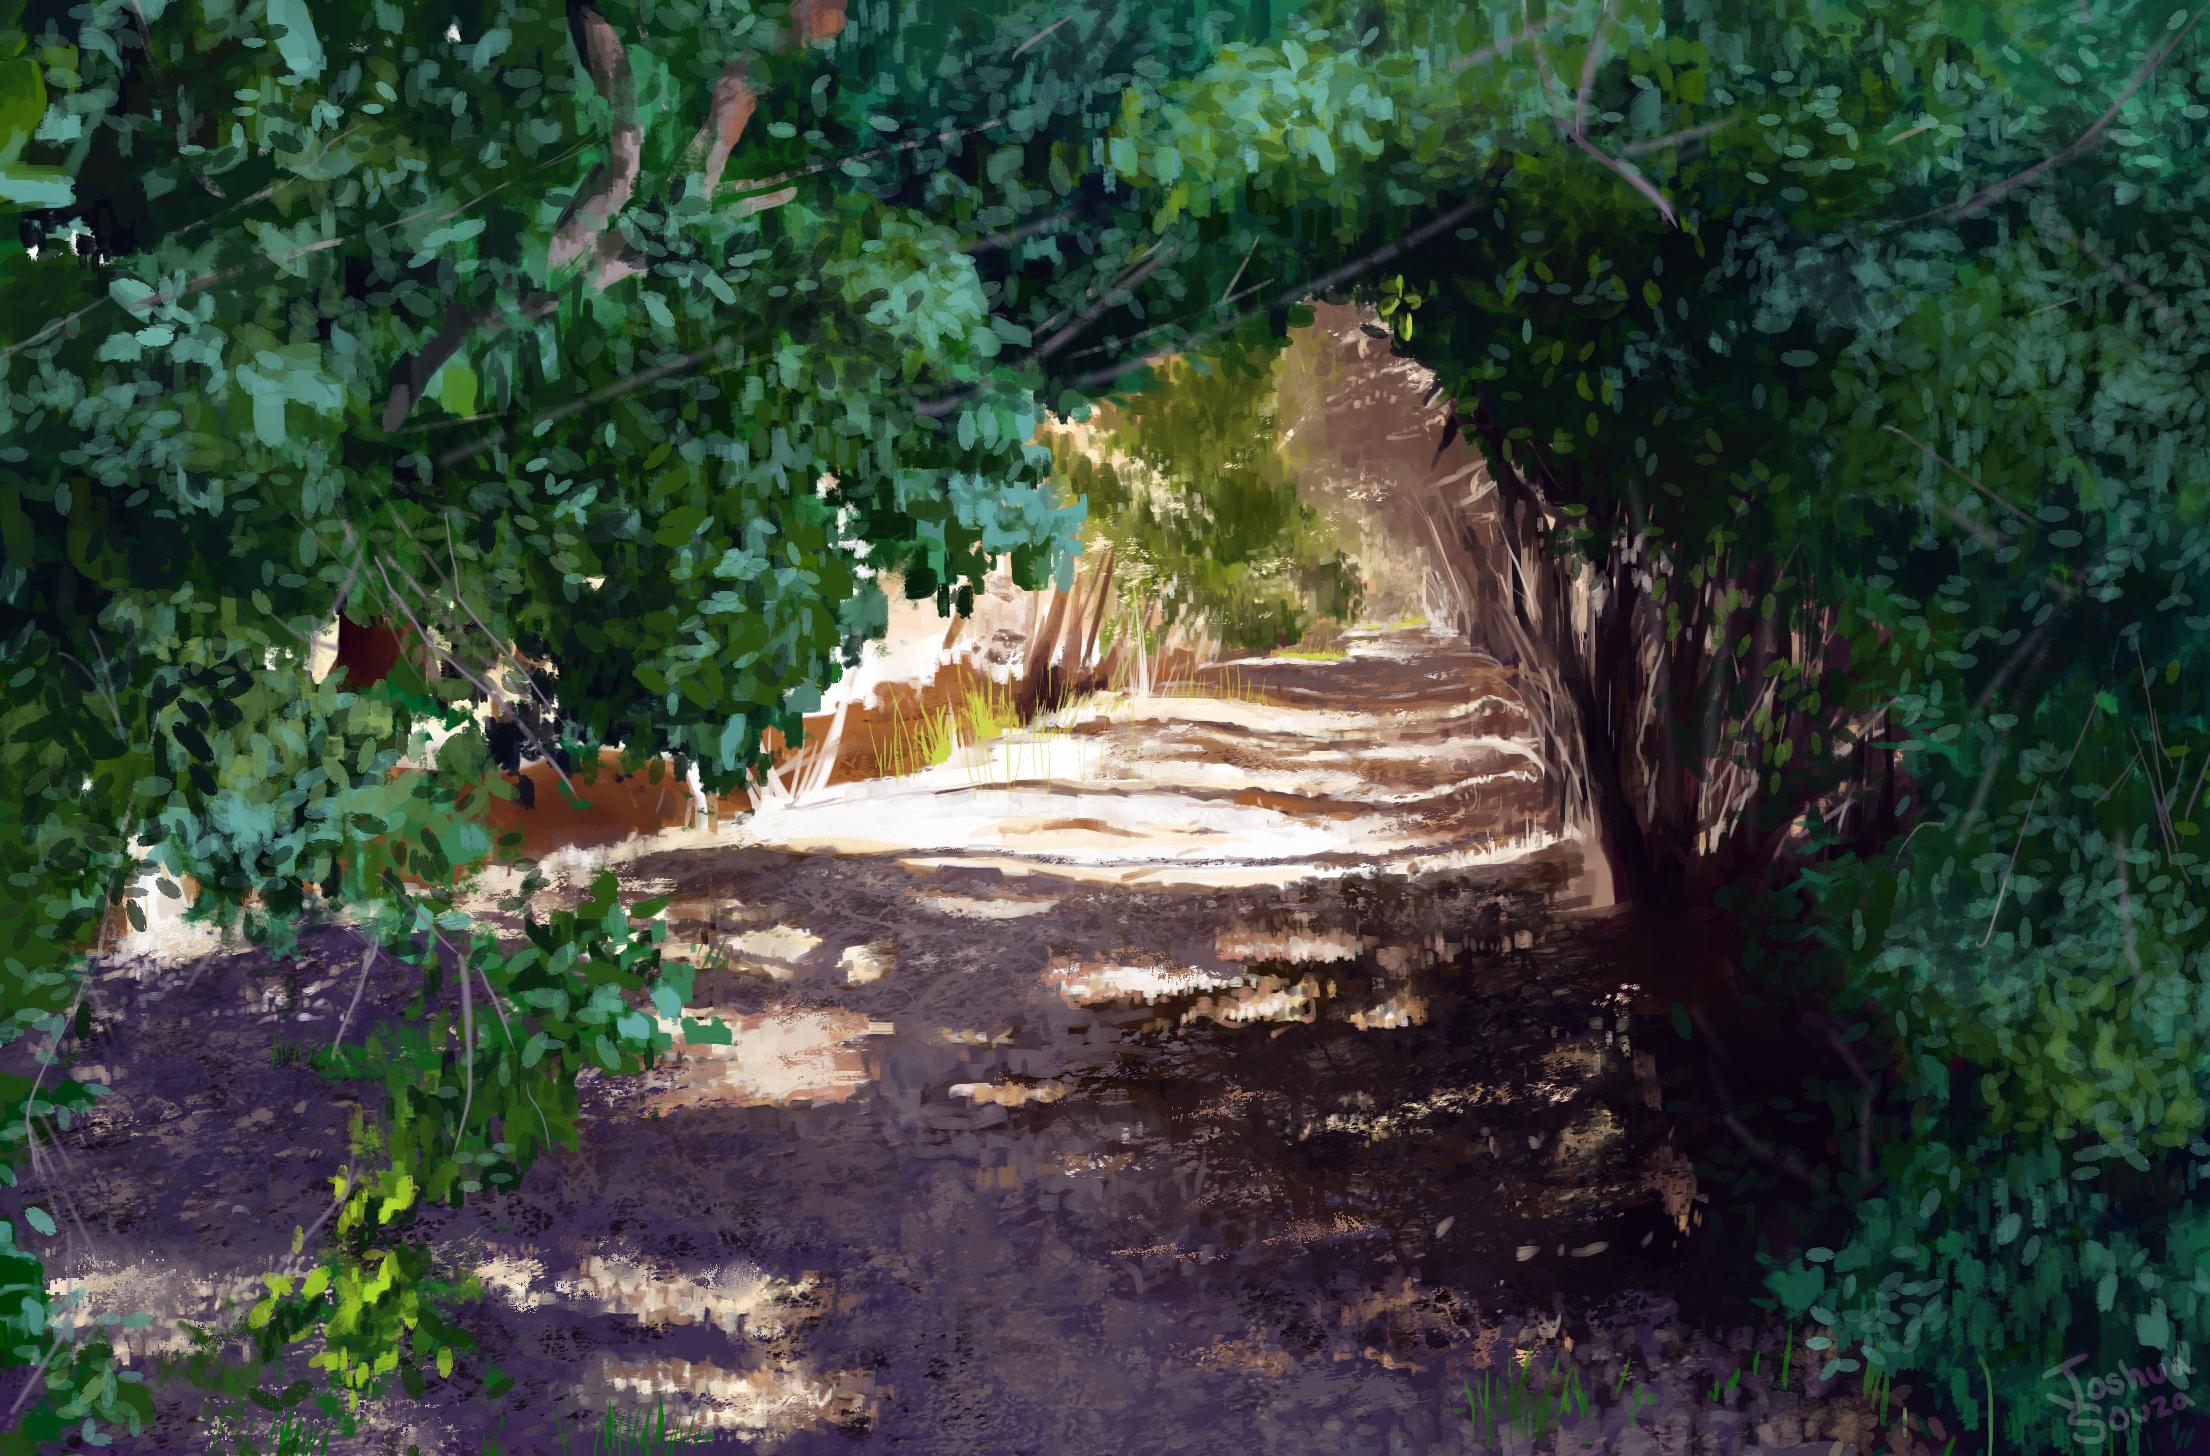 The Illuminated Path